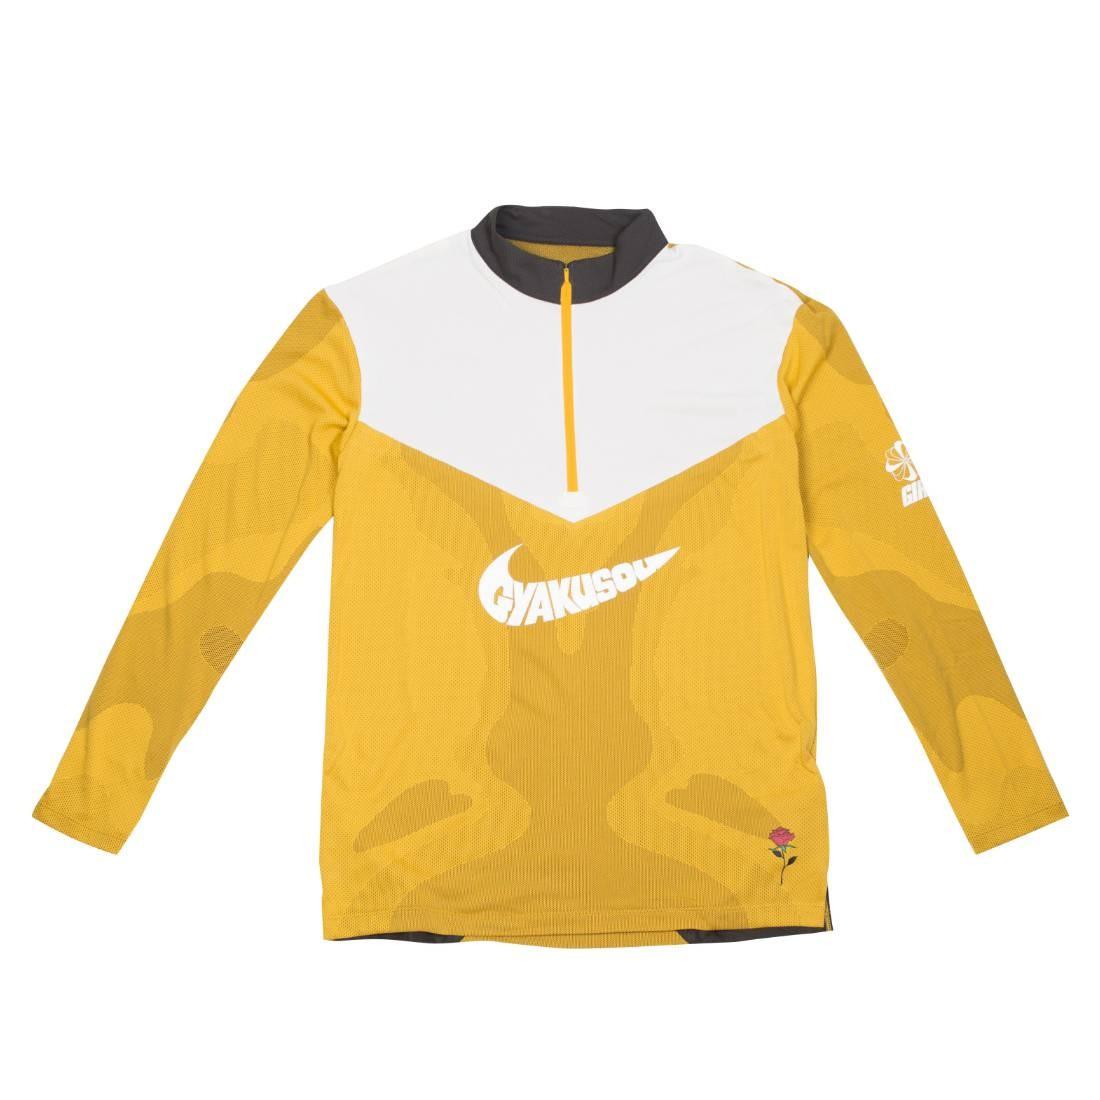 Nike Men Nrg Na Top Long Sleeves Tee Hz - Gyakusou (mineral yellow / deep pewter / sail)